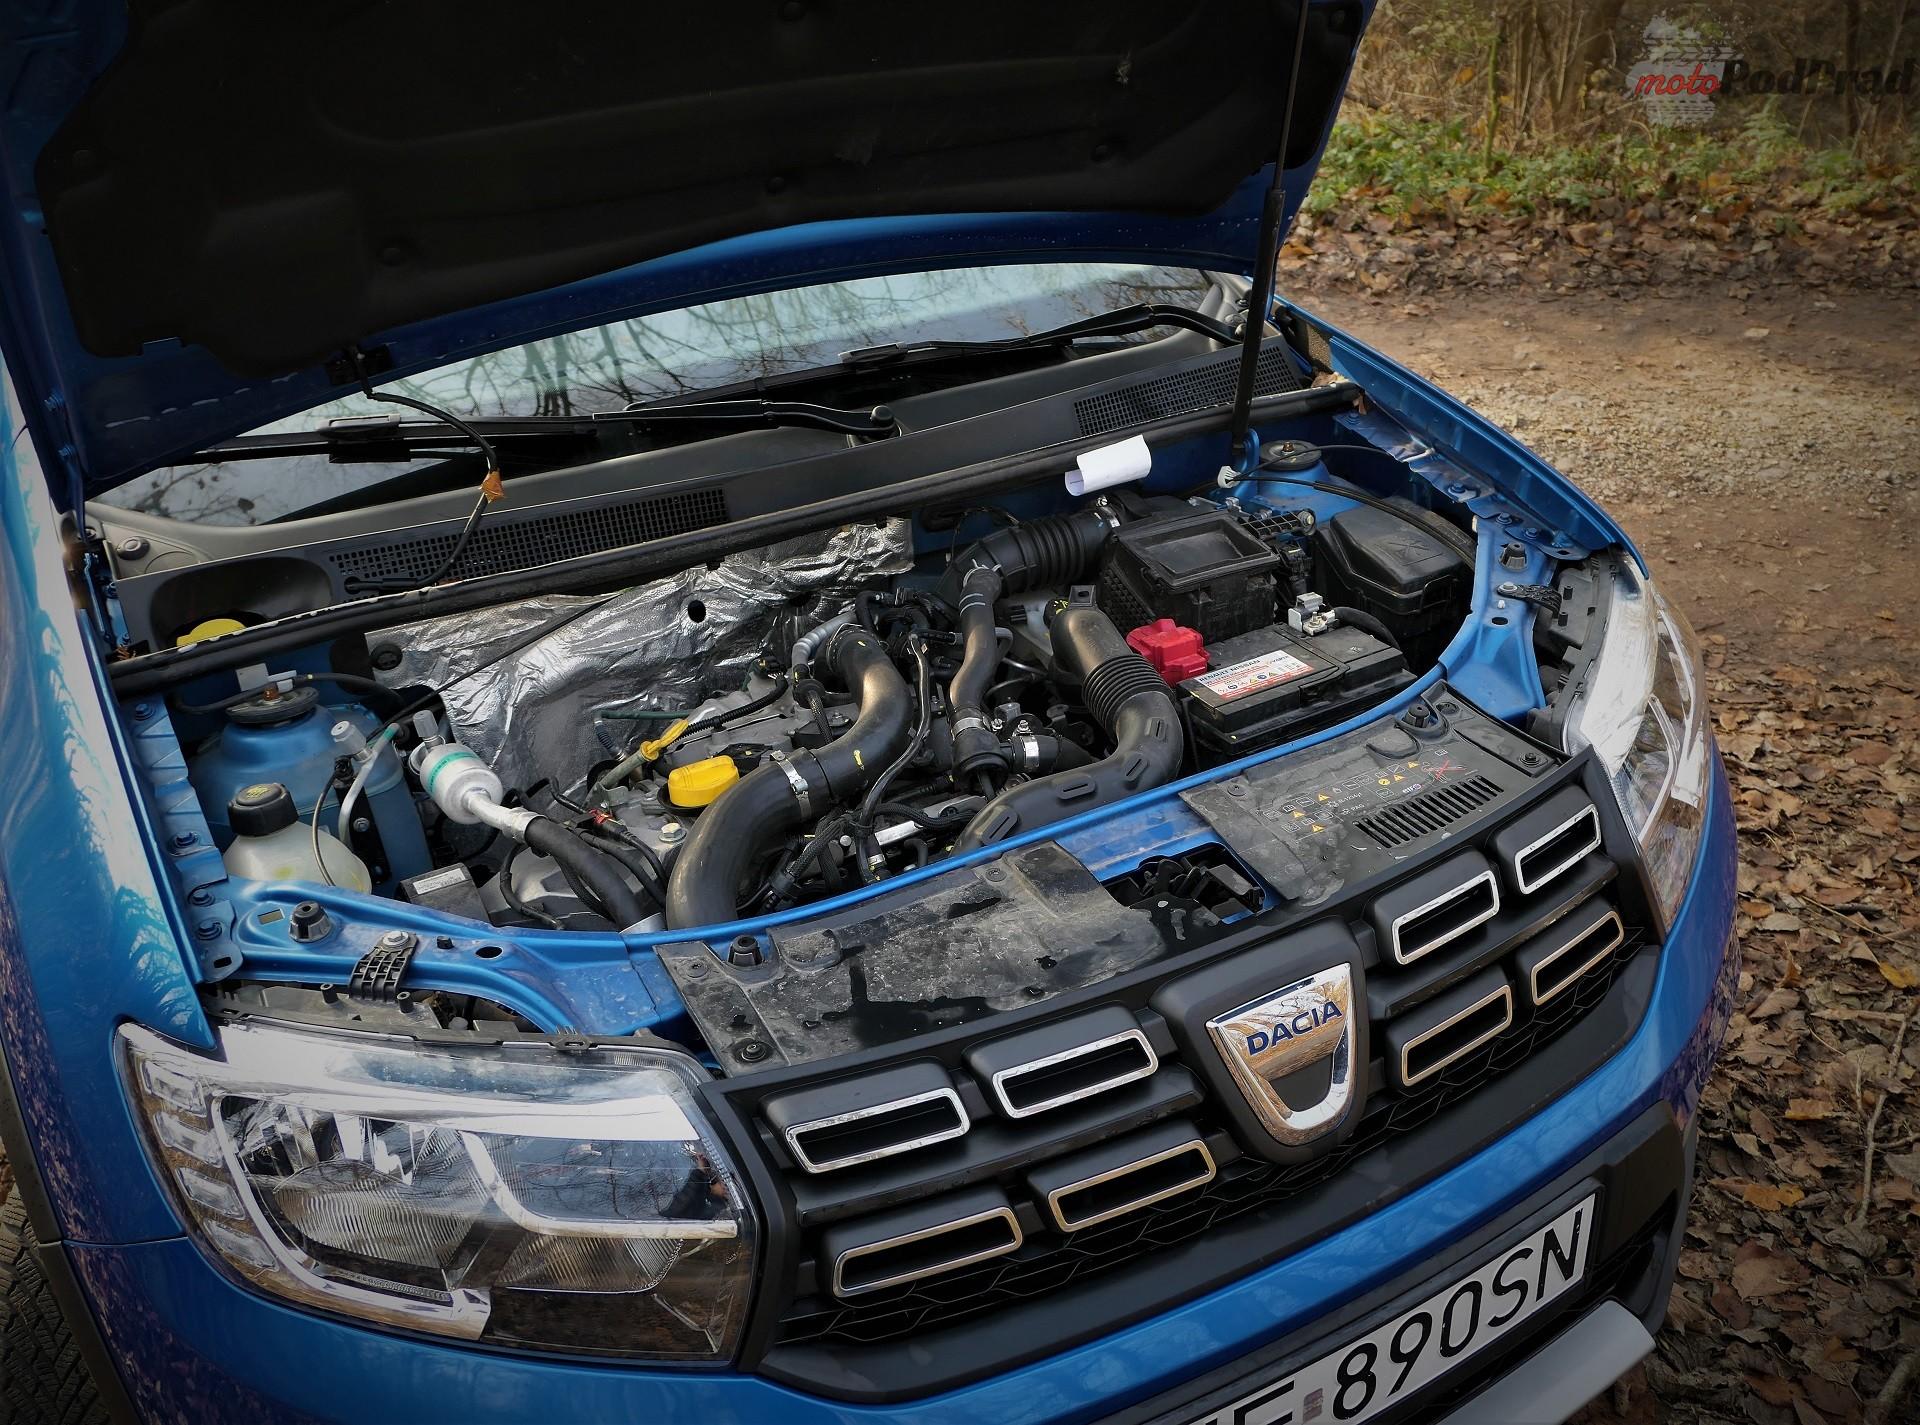 Dacia Sandero Stepway 19 Test: Dacia Sandero Stepway   w prostocie siła